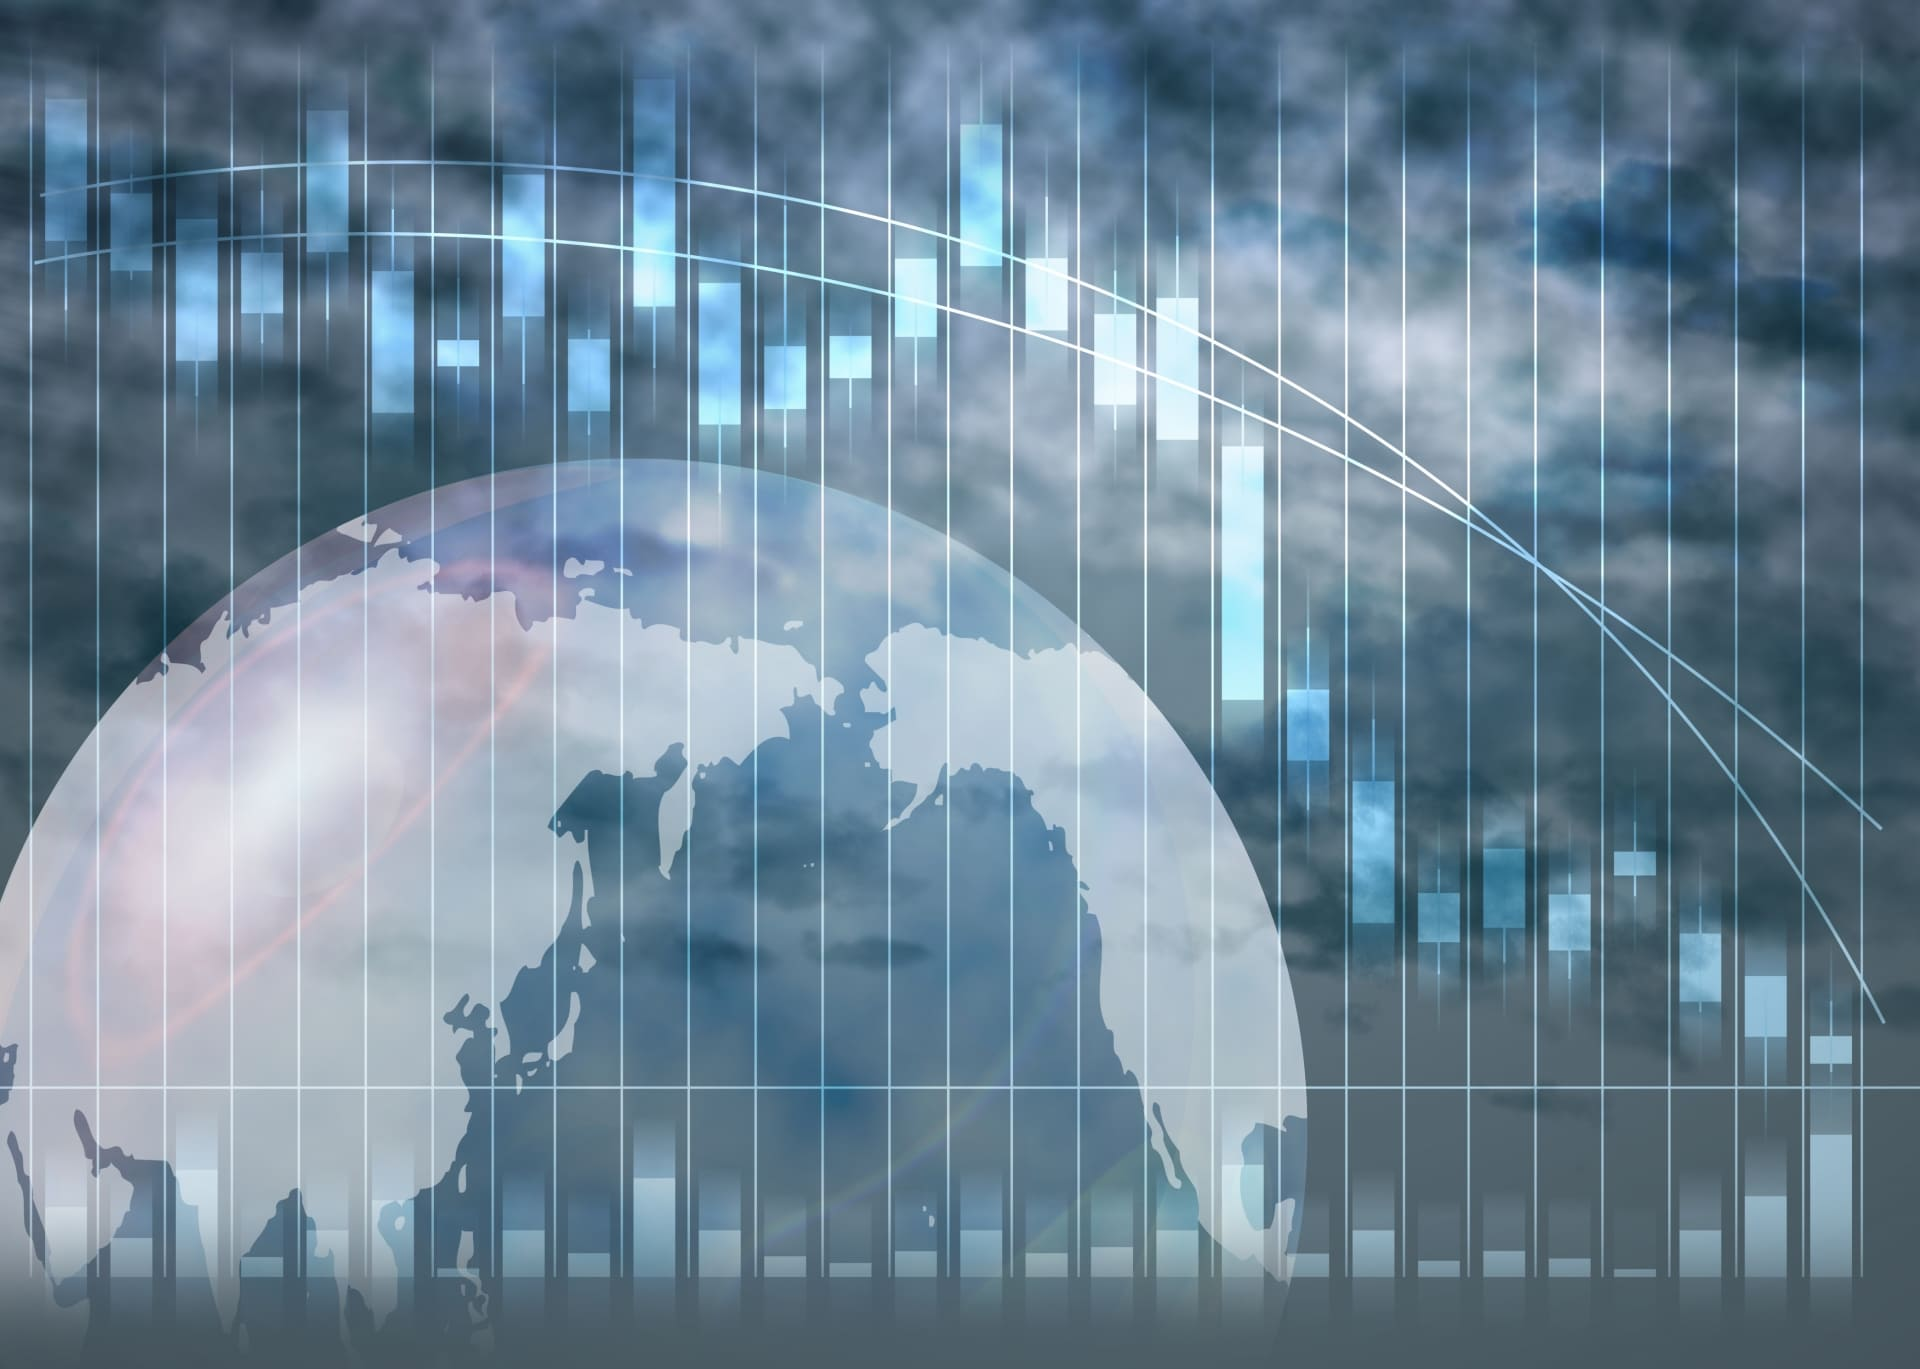 貸金業市場縮小の画像